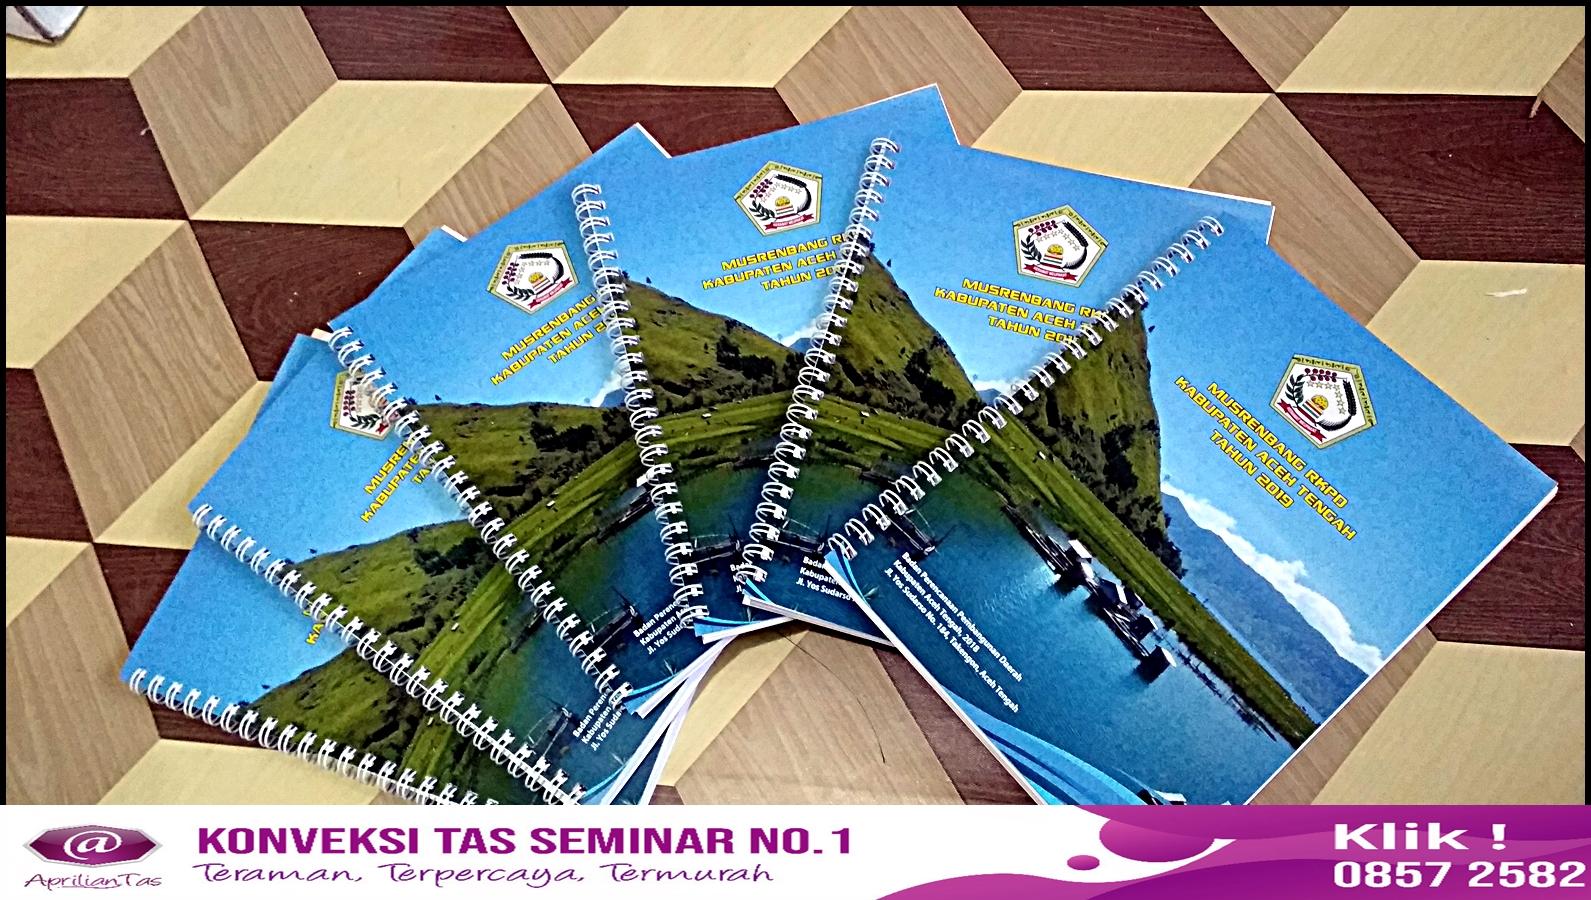 Pesan Tas Seminar Bandung Harga Irit di Jual Tas No 1 Tas seminar murah,tas seminar kit,produsen tas ransel,seminar kit jogja, konveksi tas tangerang,konveksi tas wanita,